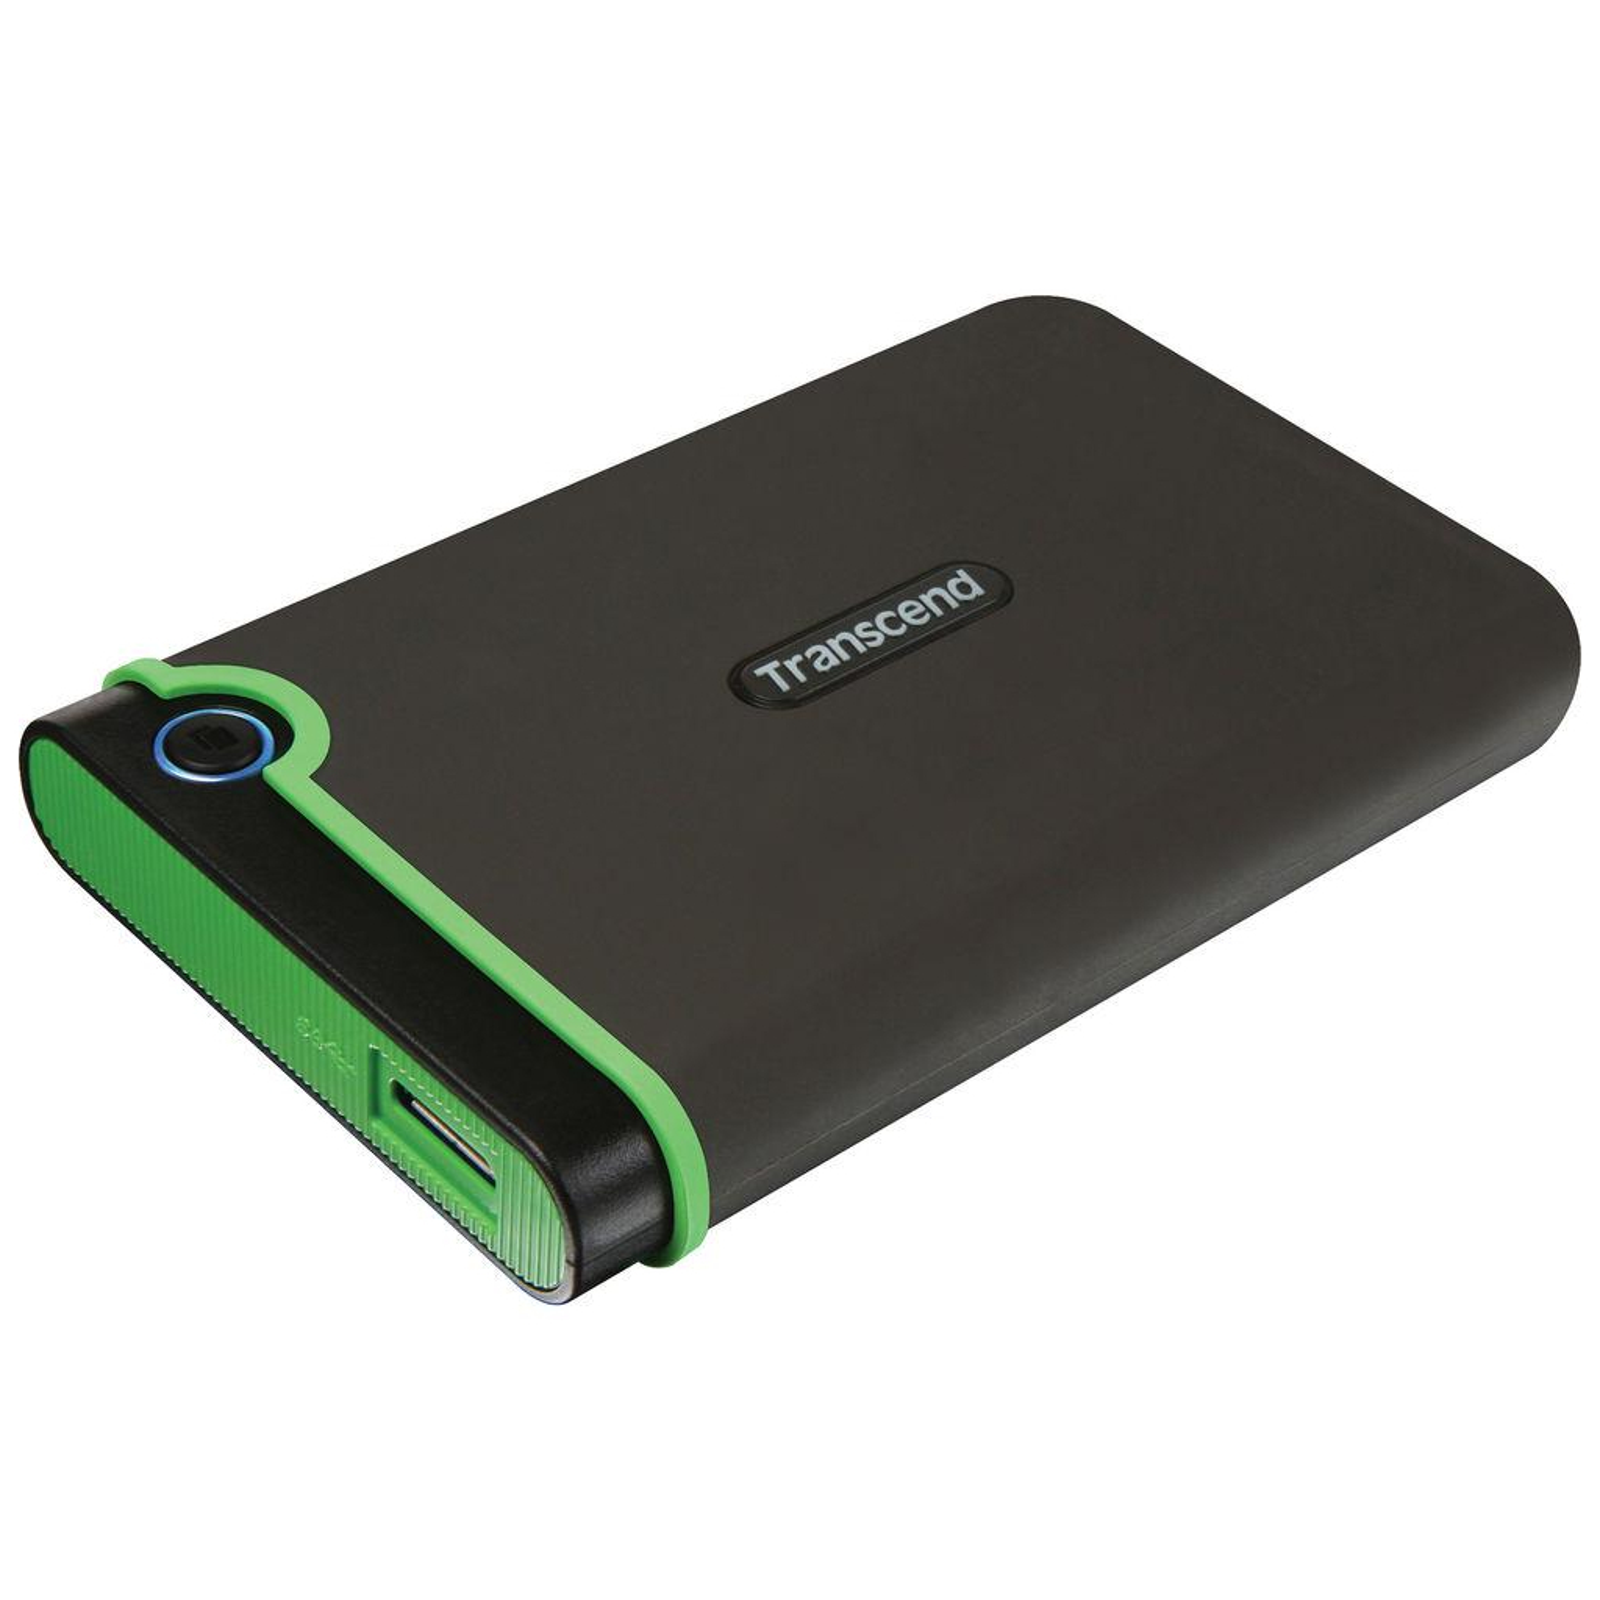 """Внешний жесткий диск 2.5"""" 500GB Transcend (TS500GSJ25M3S) изображение 4"""